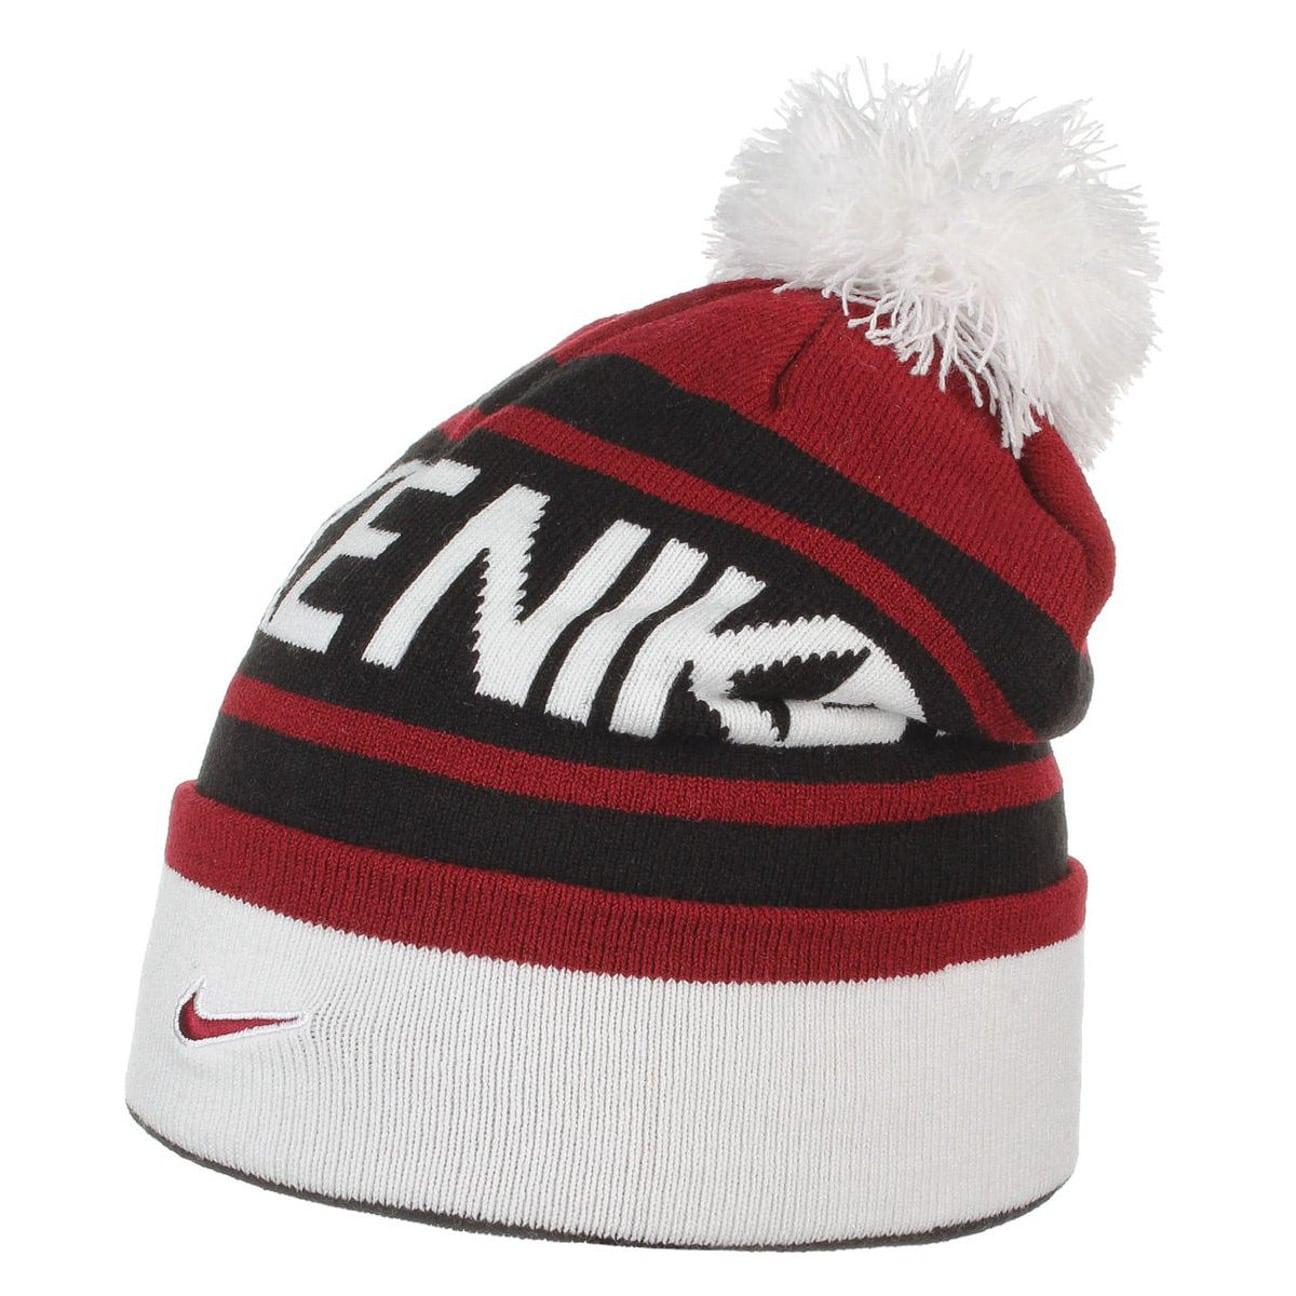 Gorro con Pompón Snow by Nike - Gorros - sombreroshop.es 1abdd264231